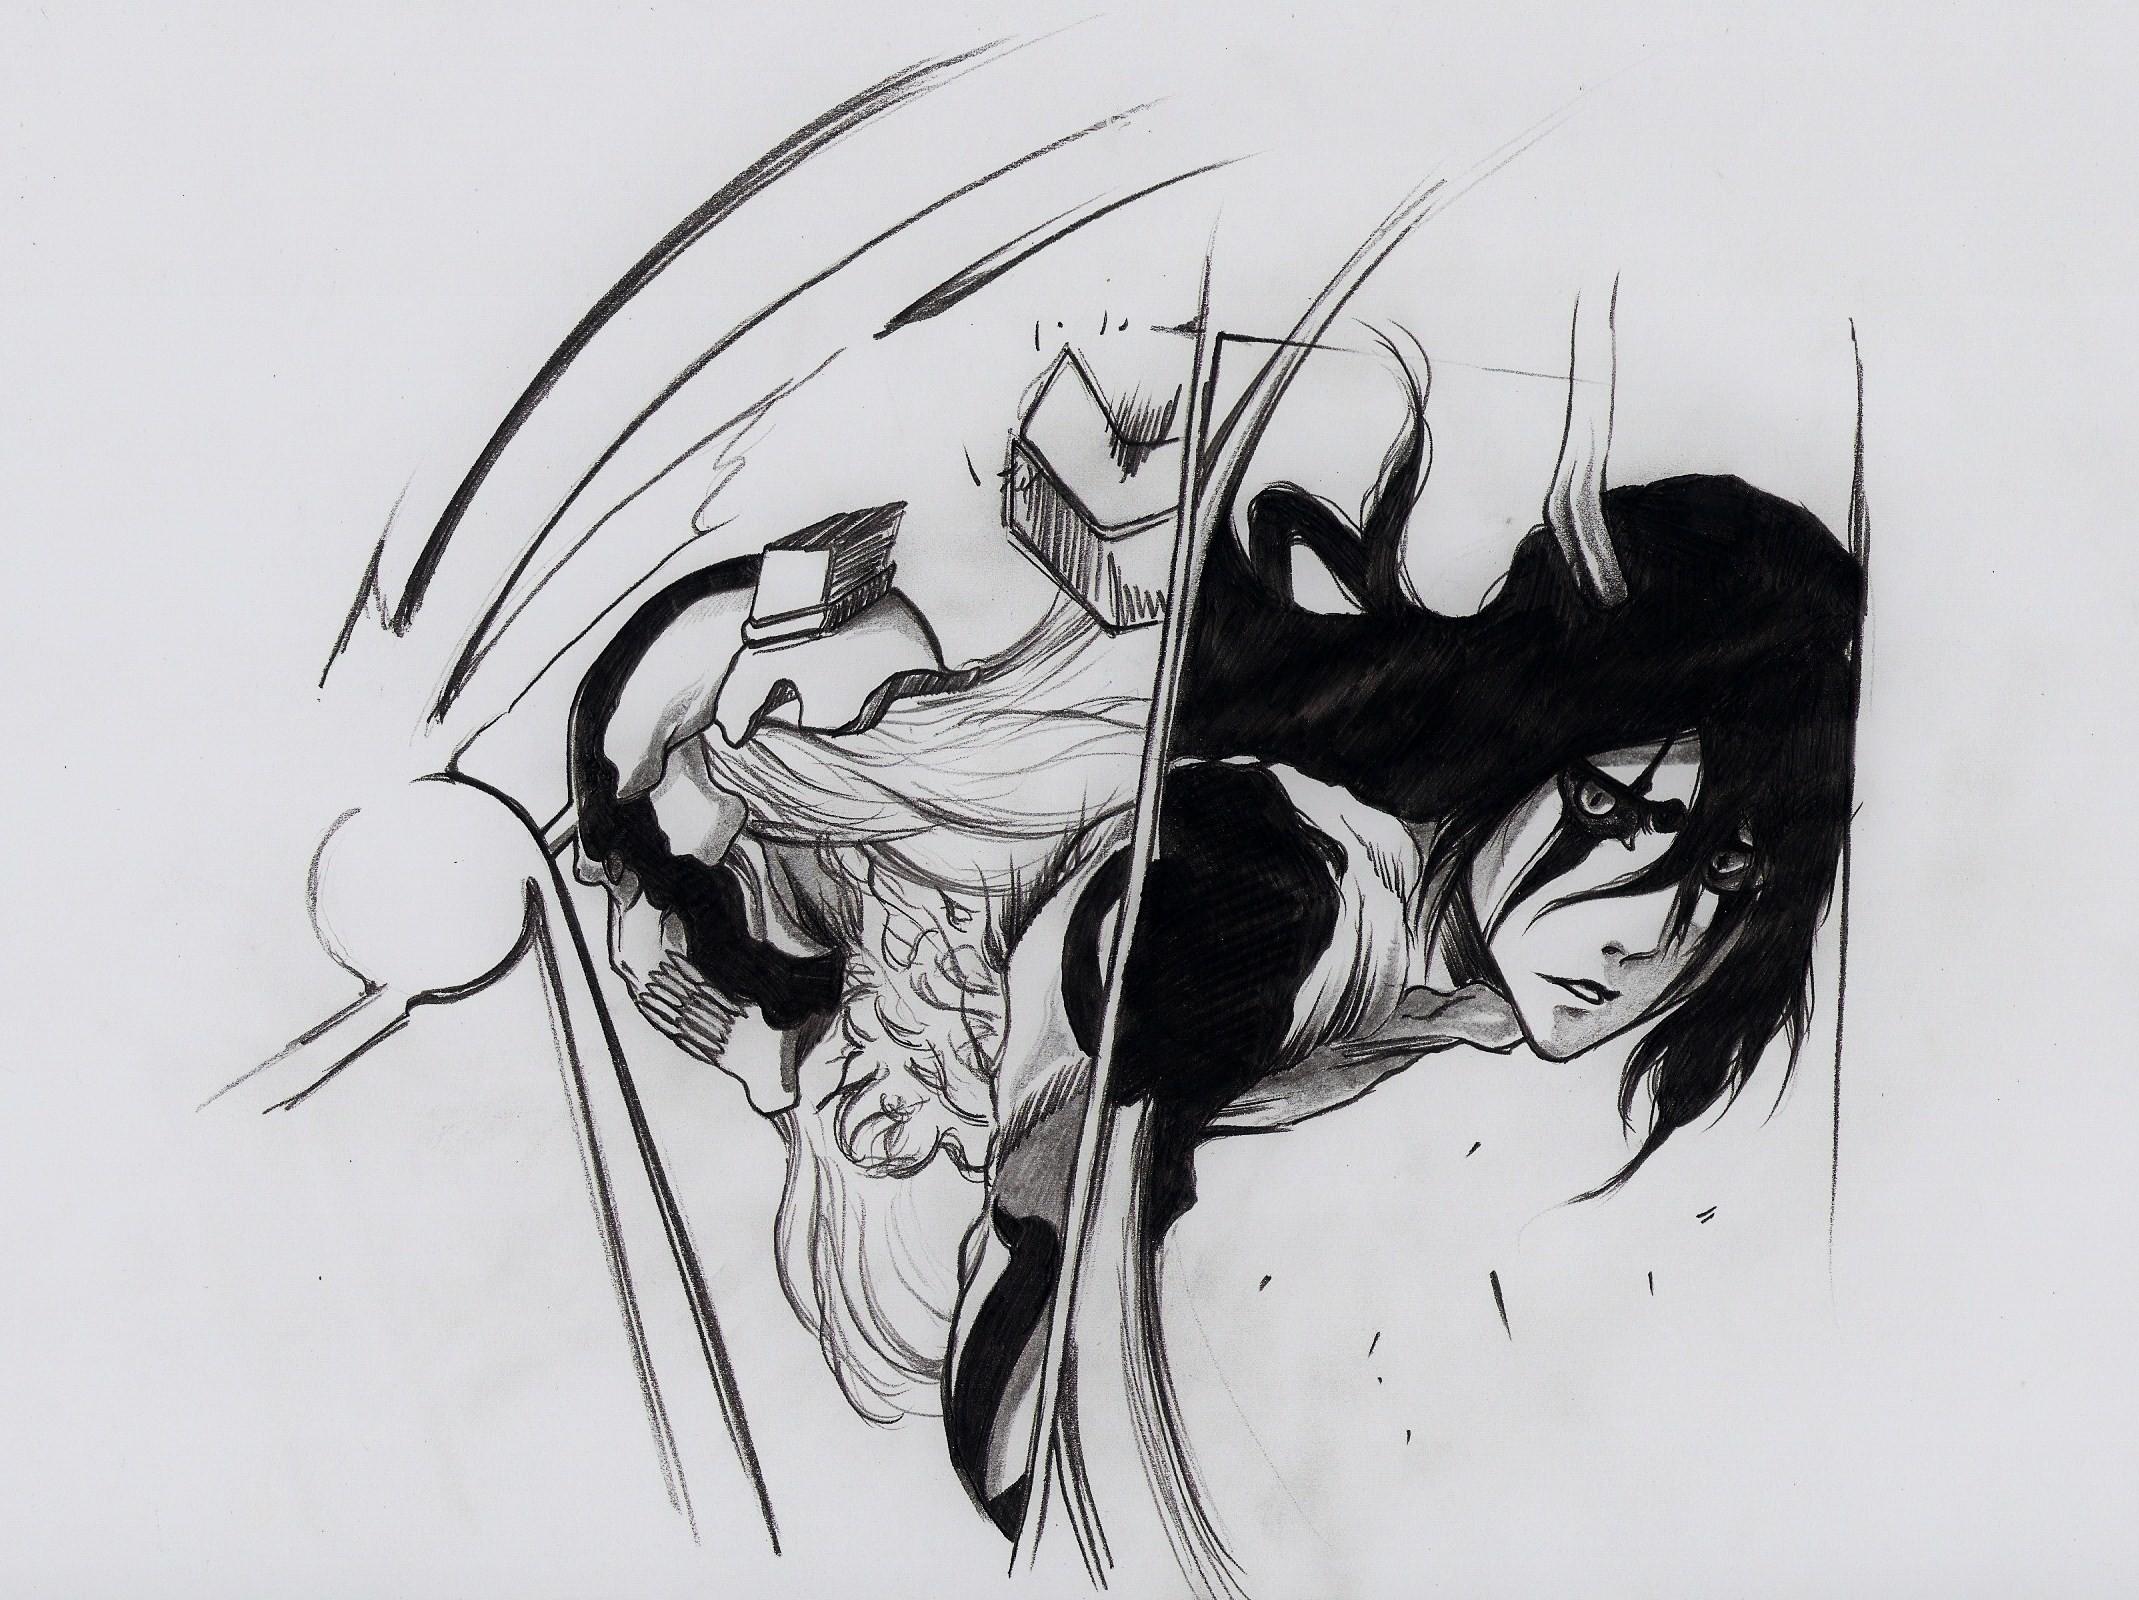 Fondos de pantalla : dibujo, ilustración, monocromo, Anime, Obra de ...